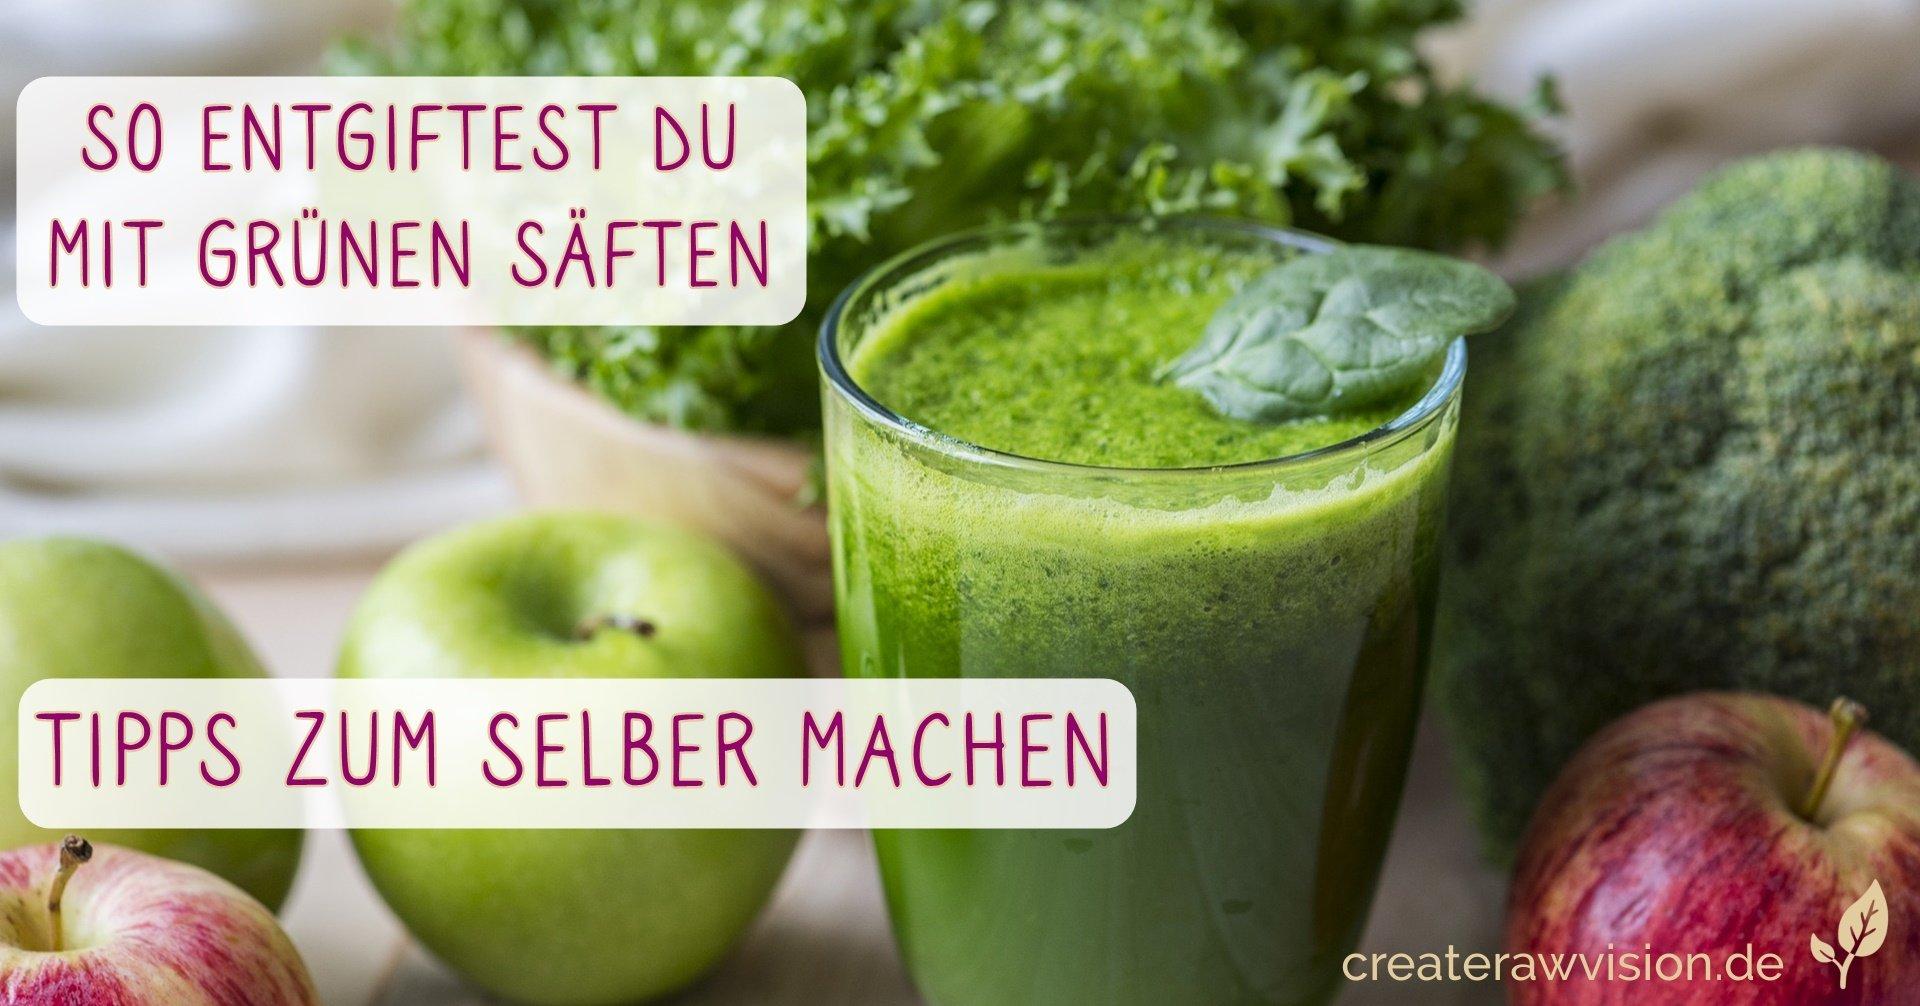 Grünkohl mit Broccoli, Äpfeln und einem Glas Saft